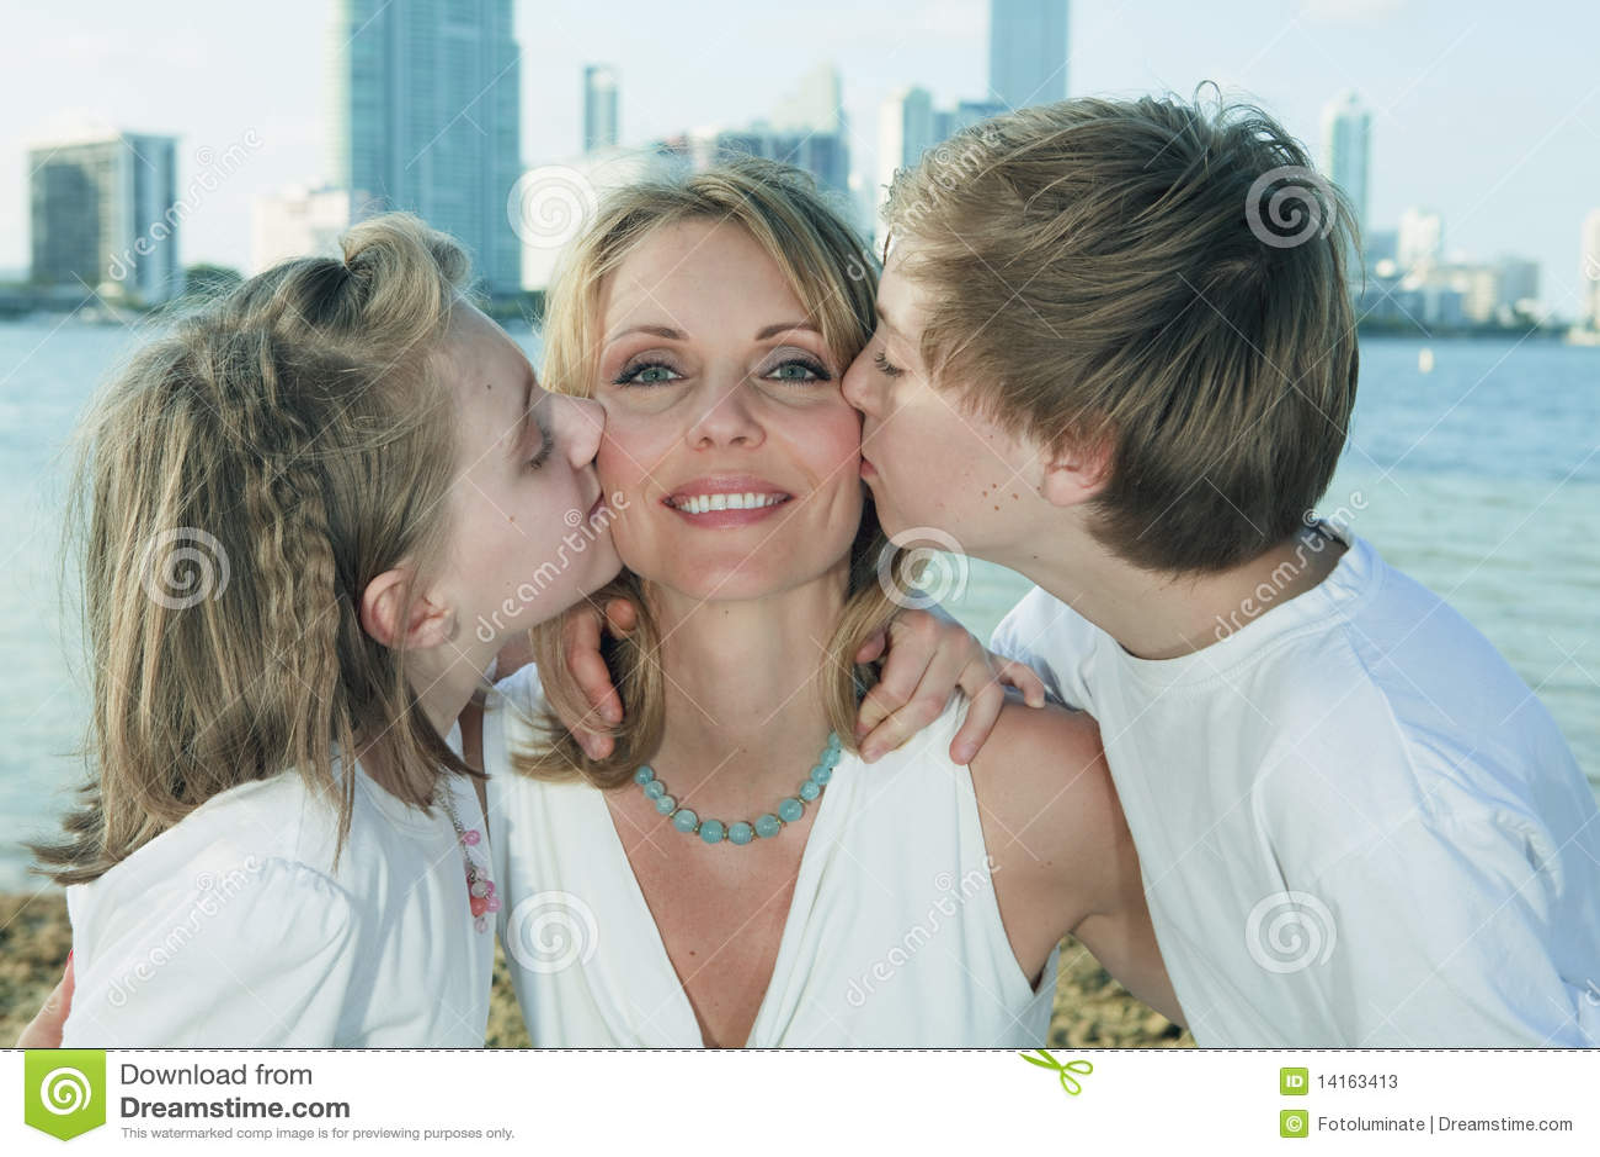 Imagenes De Madre Abrazando a Su Hijo